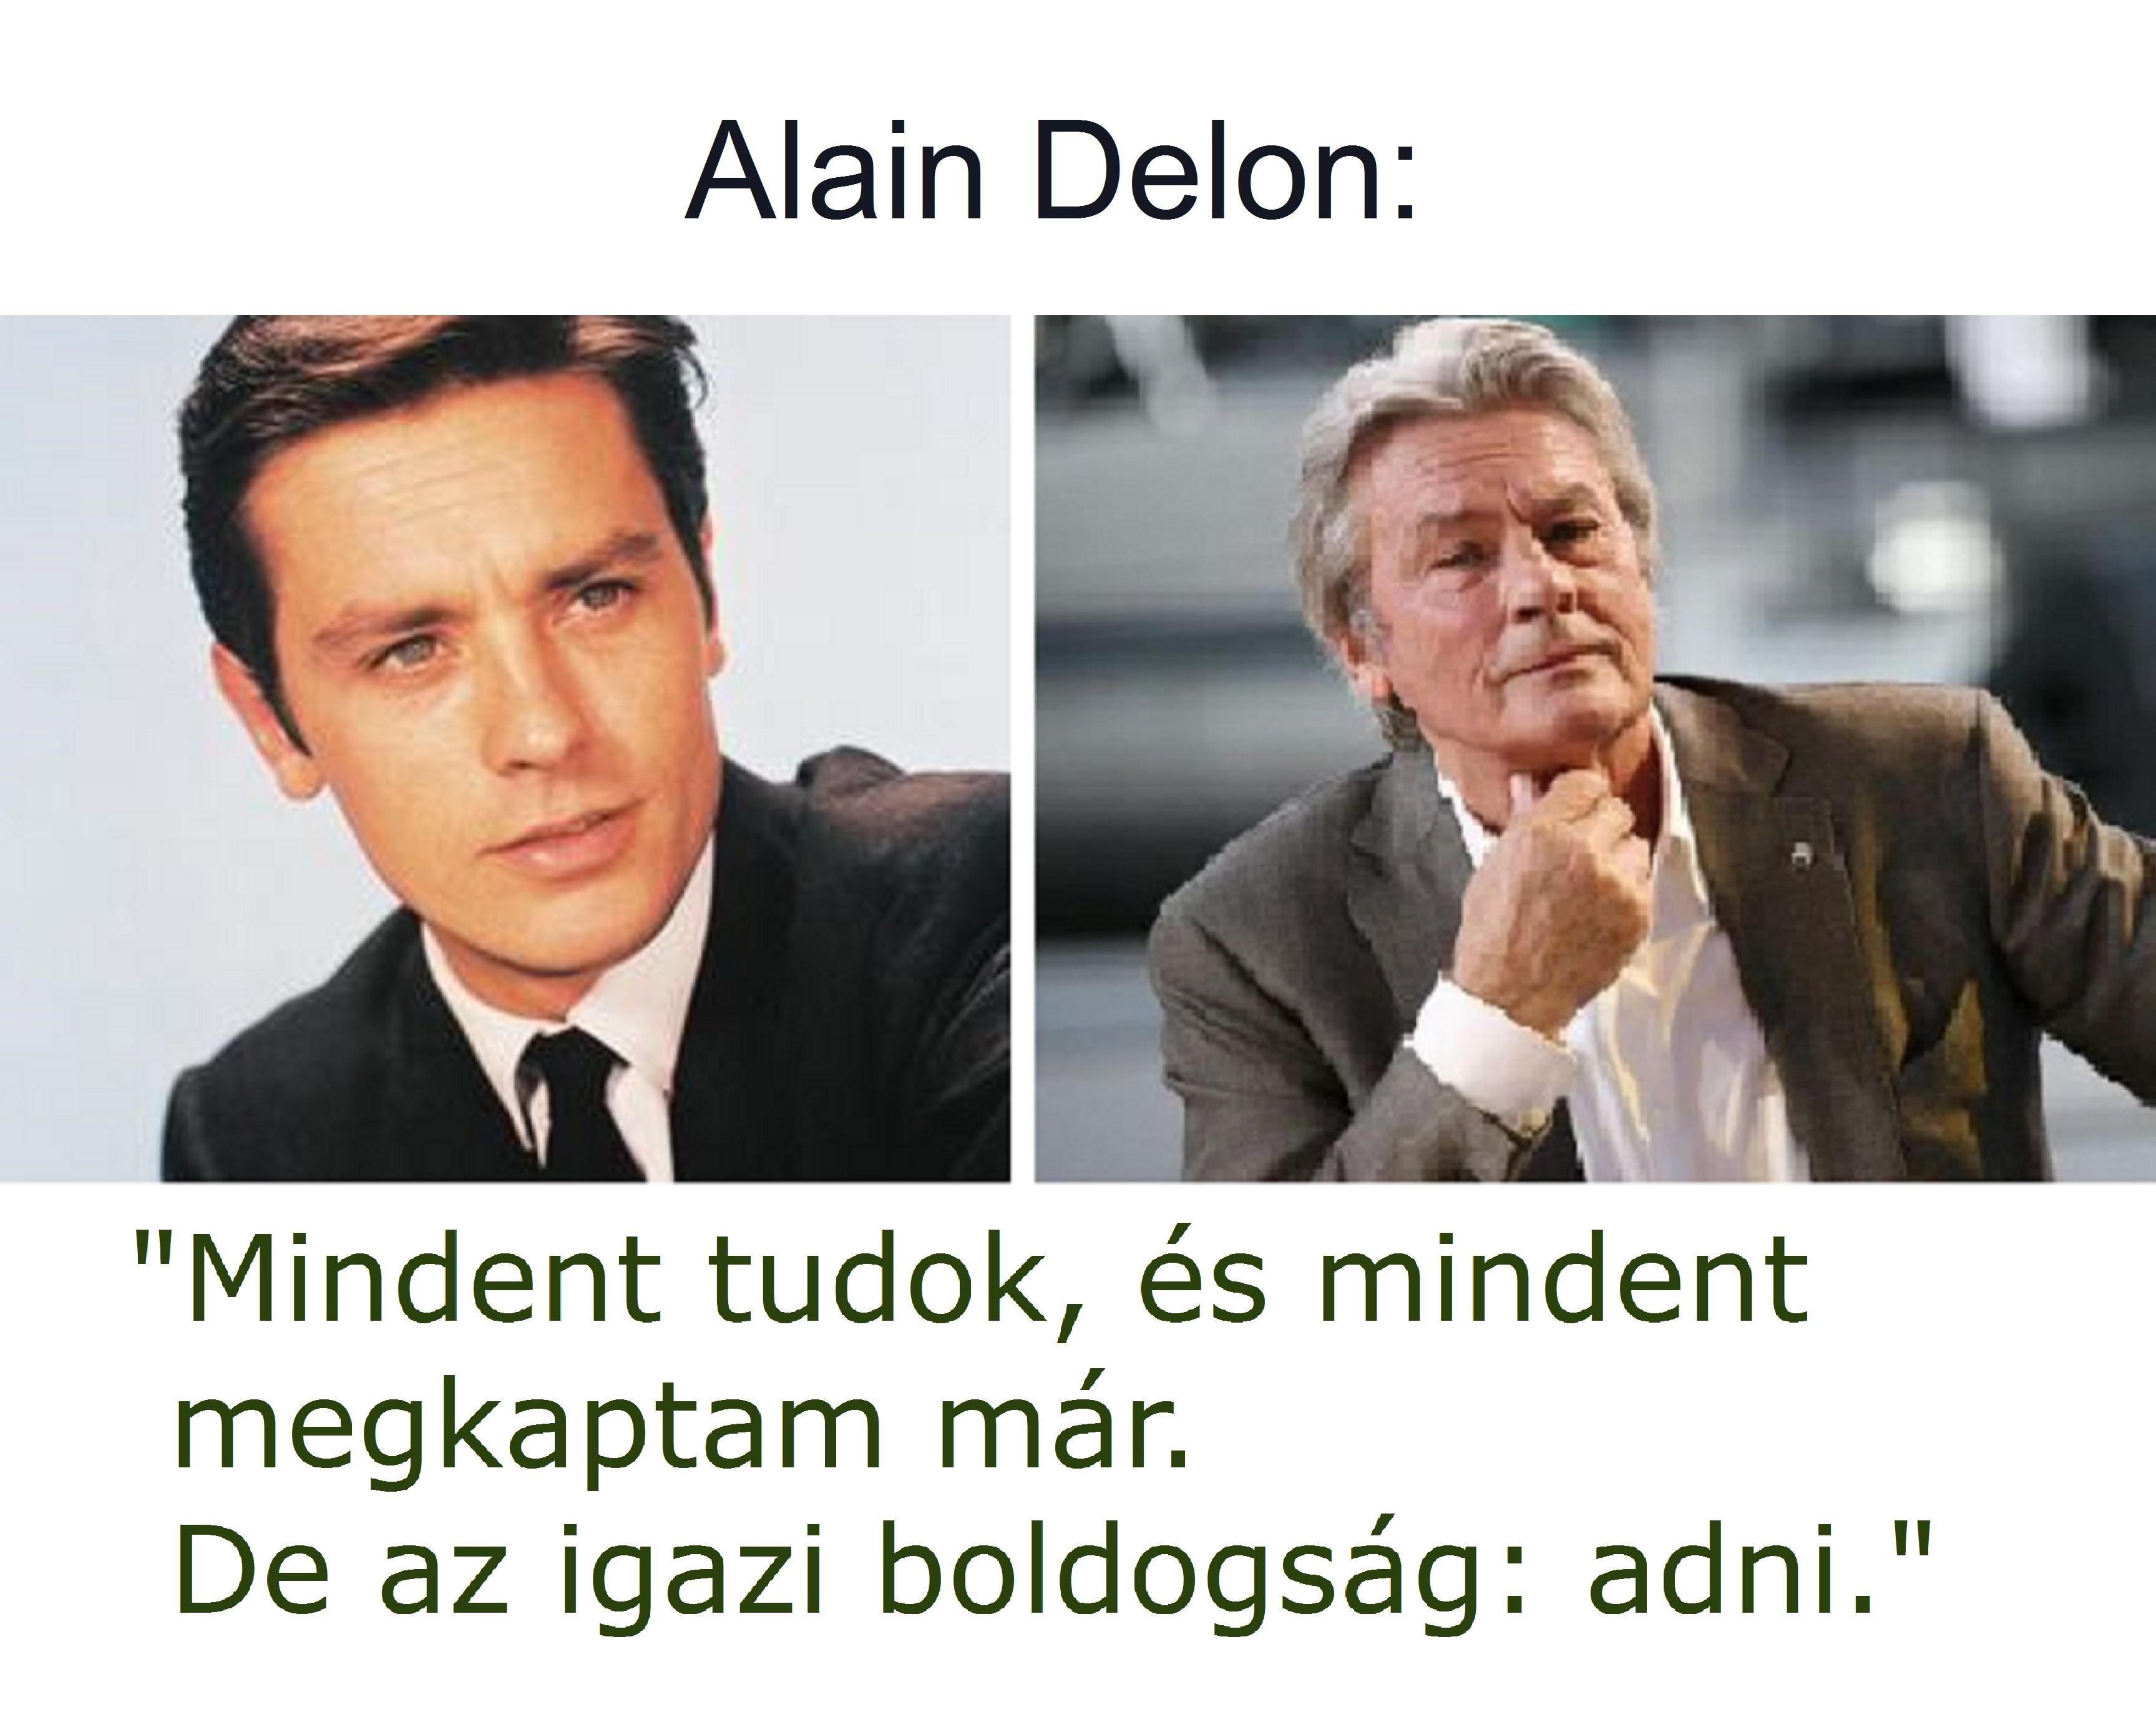 alain_delon, bölcsesség idézet